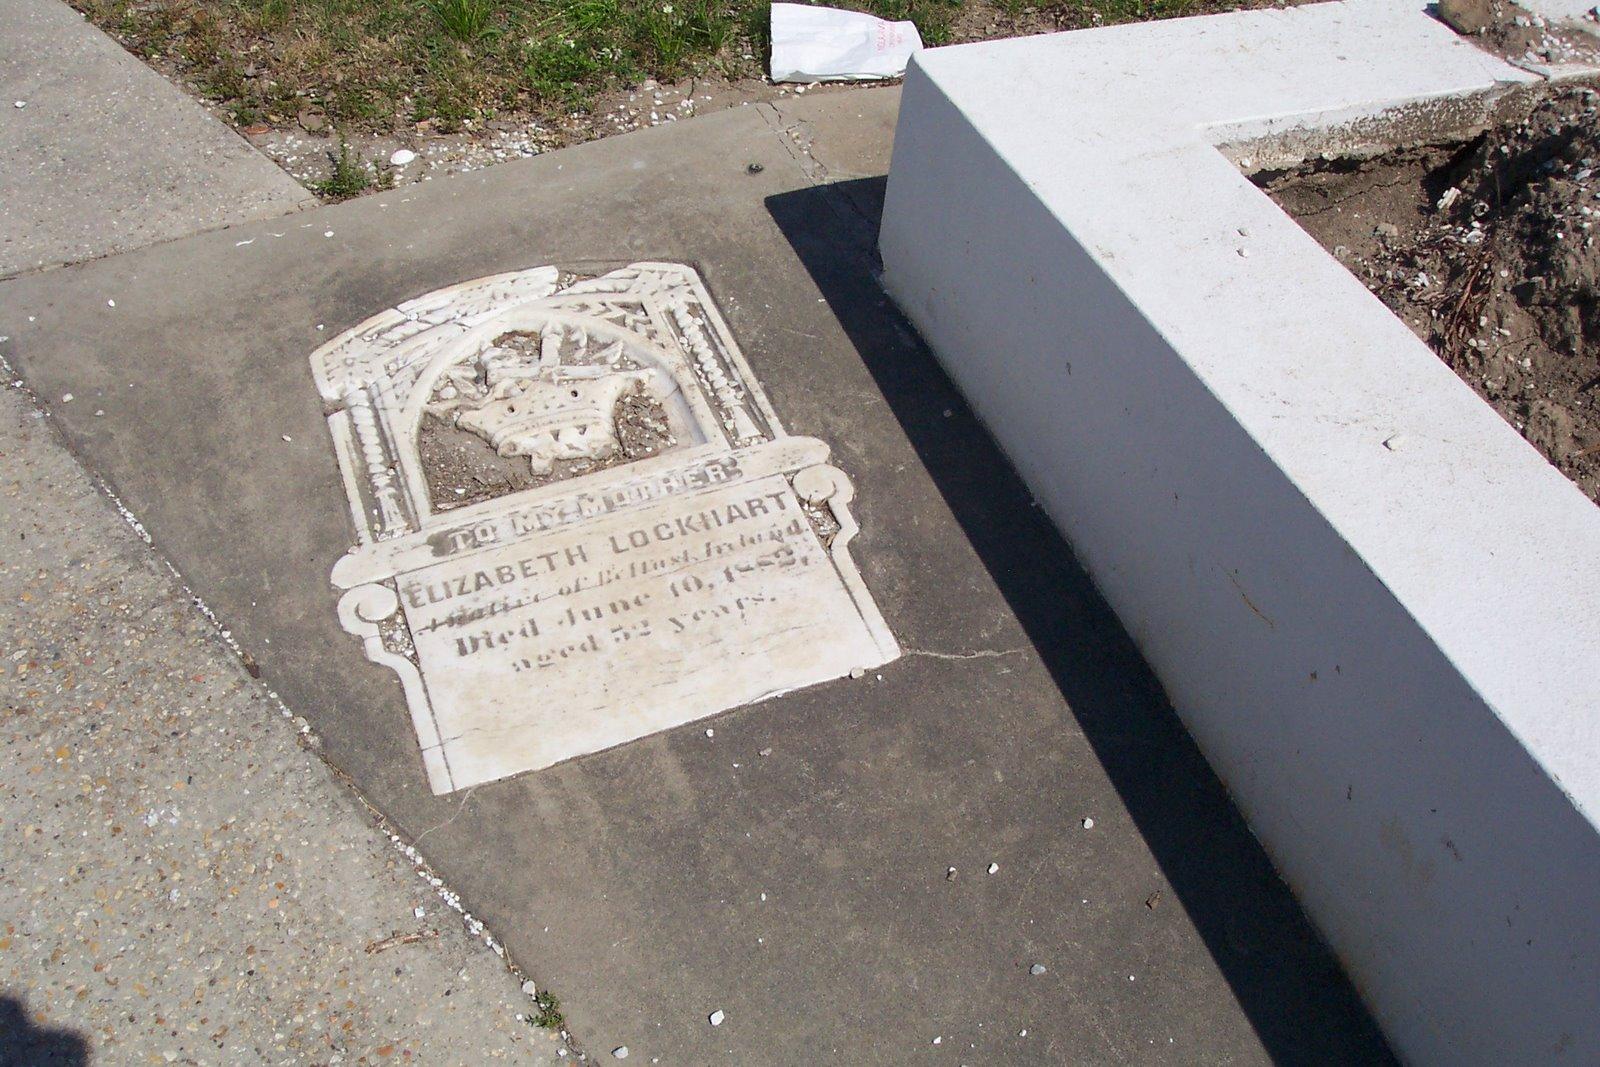 Embedded Grave Marker